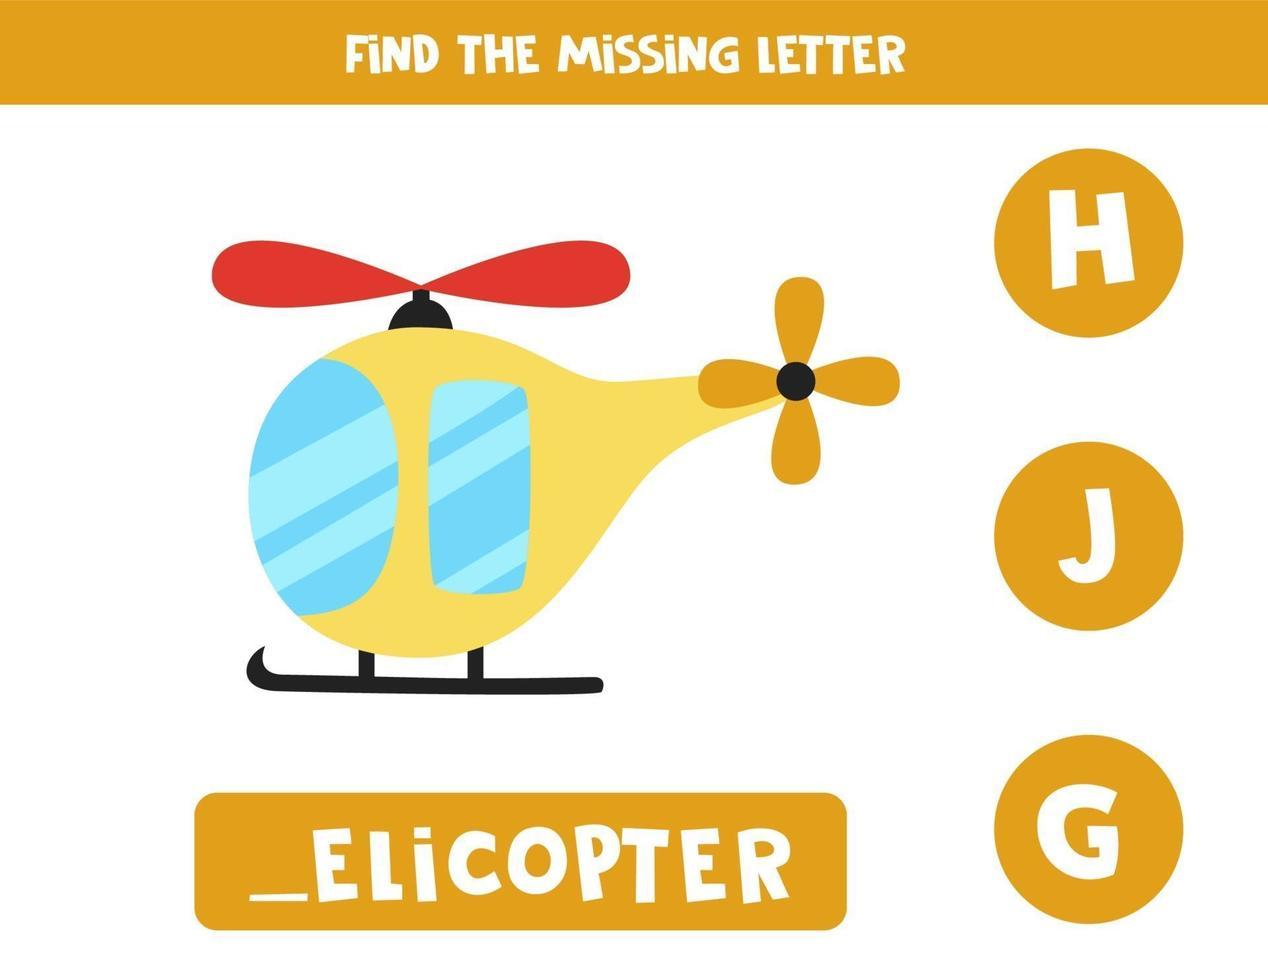 trova la lettera mancante con l'elicottero dei cartoni animati. foglio di lavoro di ortografia. vettore